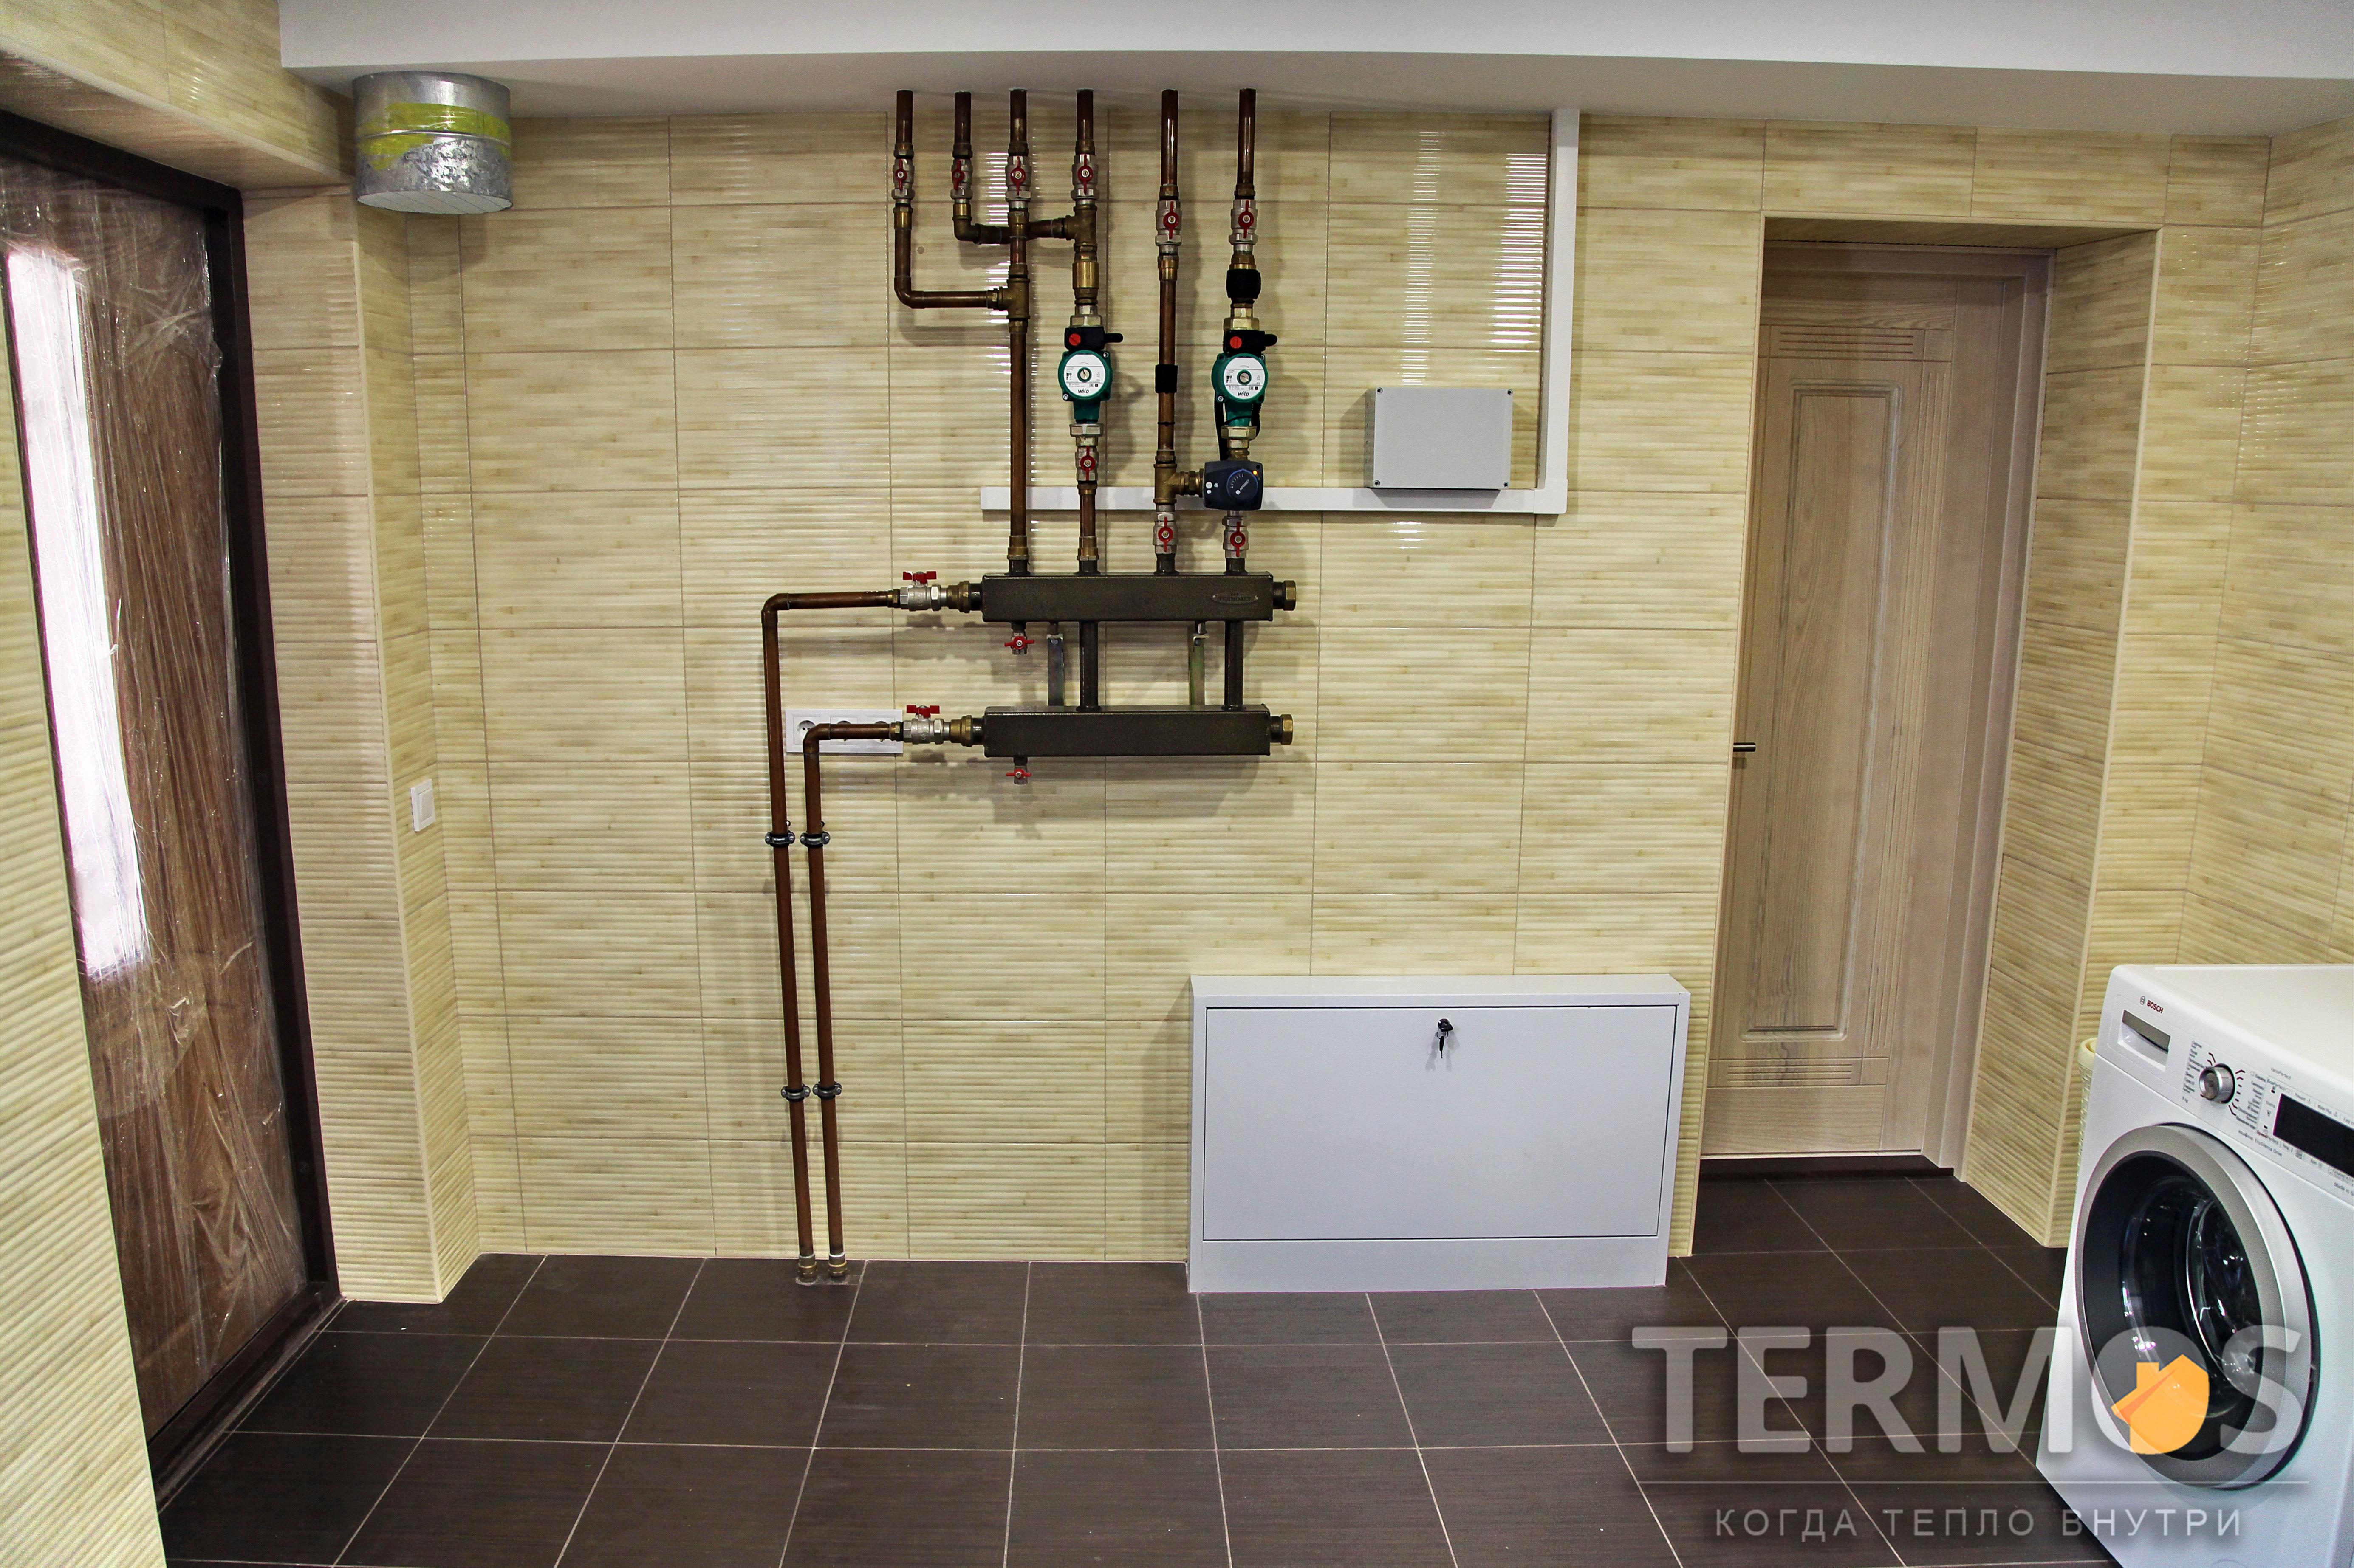 Тепловой насос обеспечивает отопление дома радиаторами, фанкойлами и теплым полом, приготовление горячей воды в 300 л эффективном бойлере, управление системой через интернет